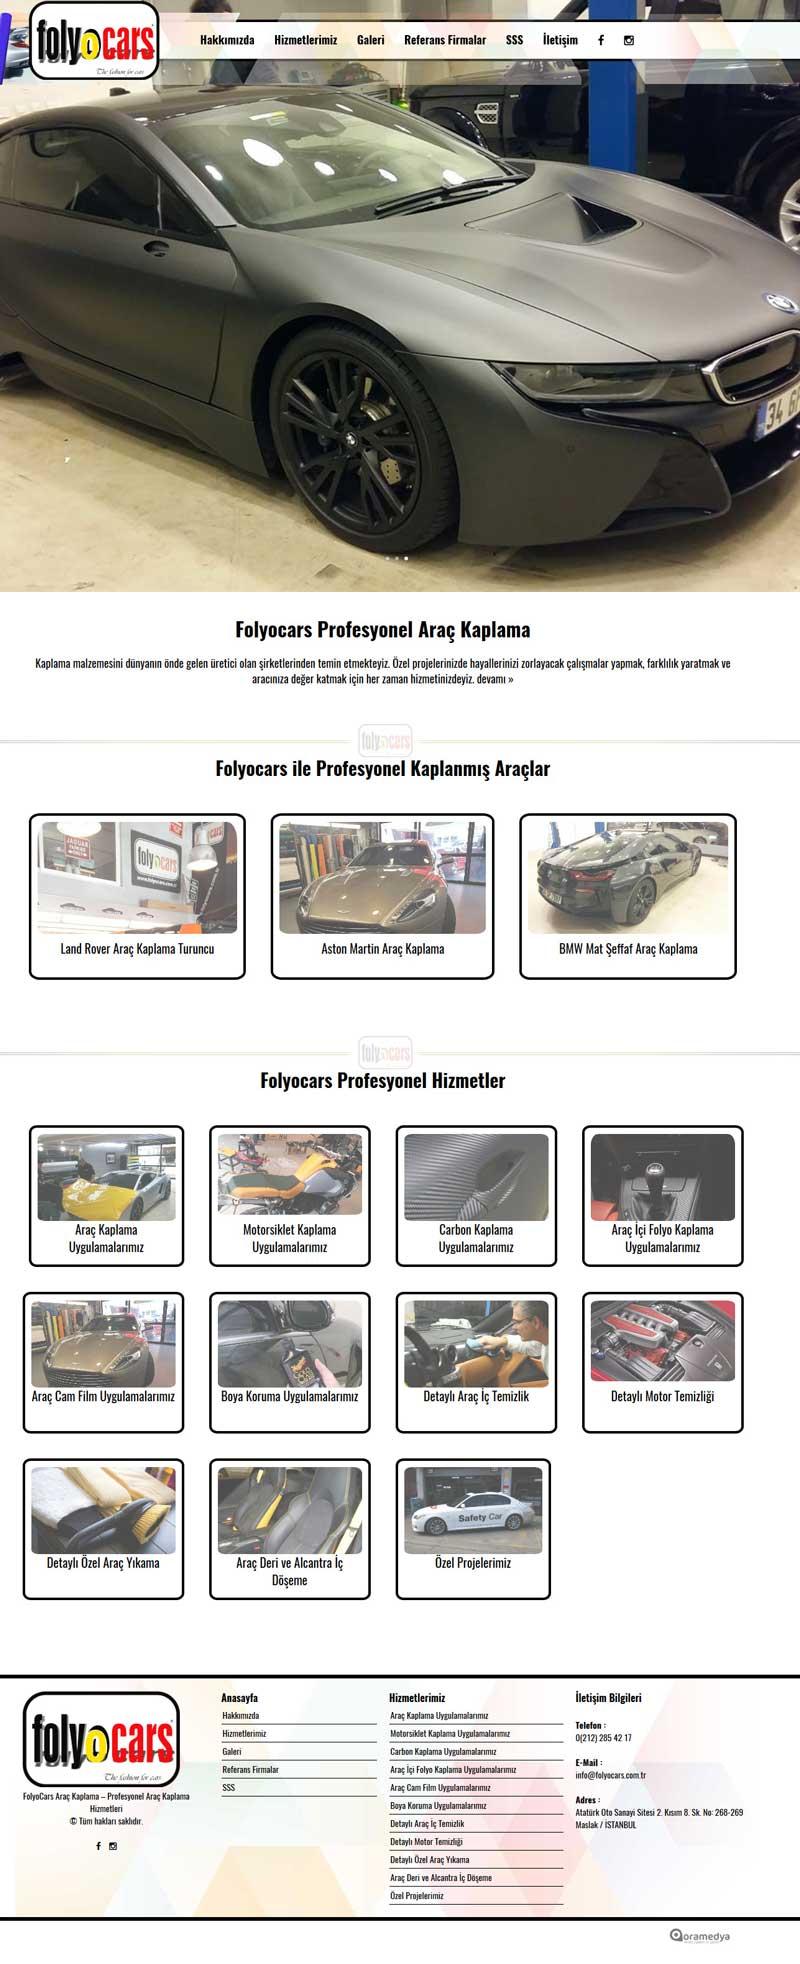 Folyocars Araç Kaplama İstanbul Web Sitesi Tasarımı